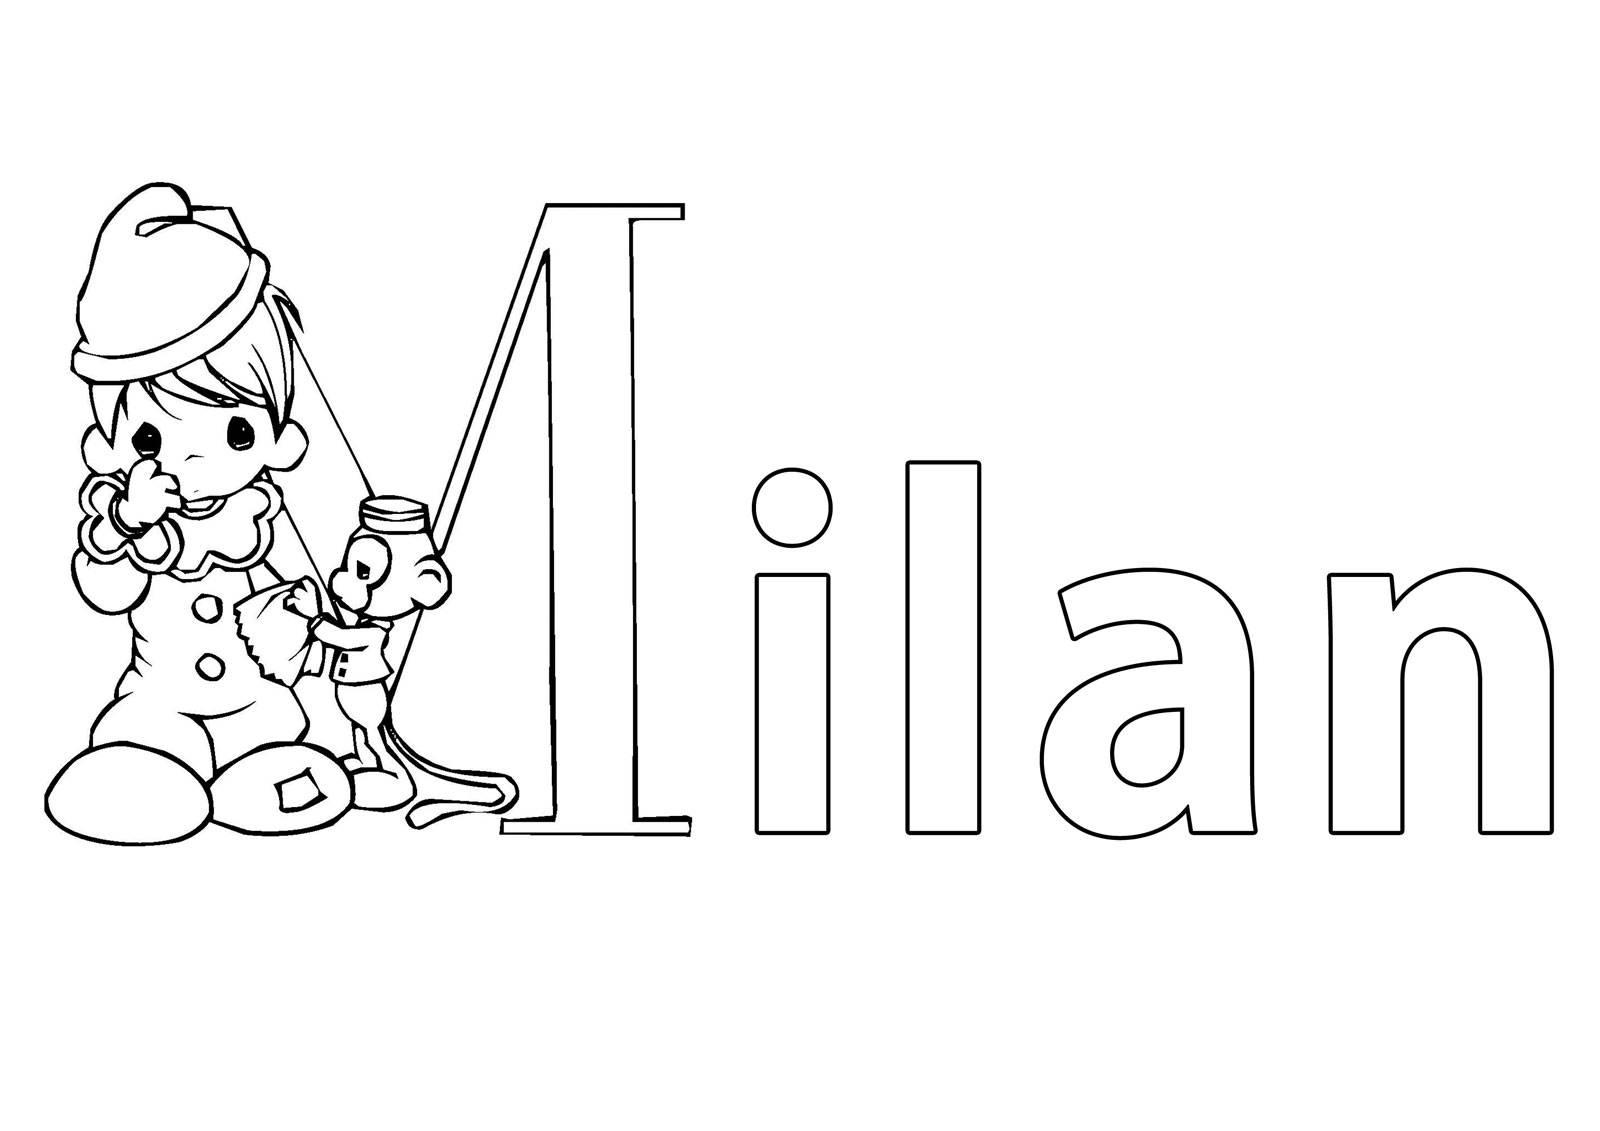 Ausmalbild Beliebte Jungennamen: Vorname Milan ausmalen kostenlos